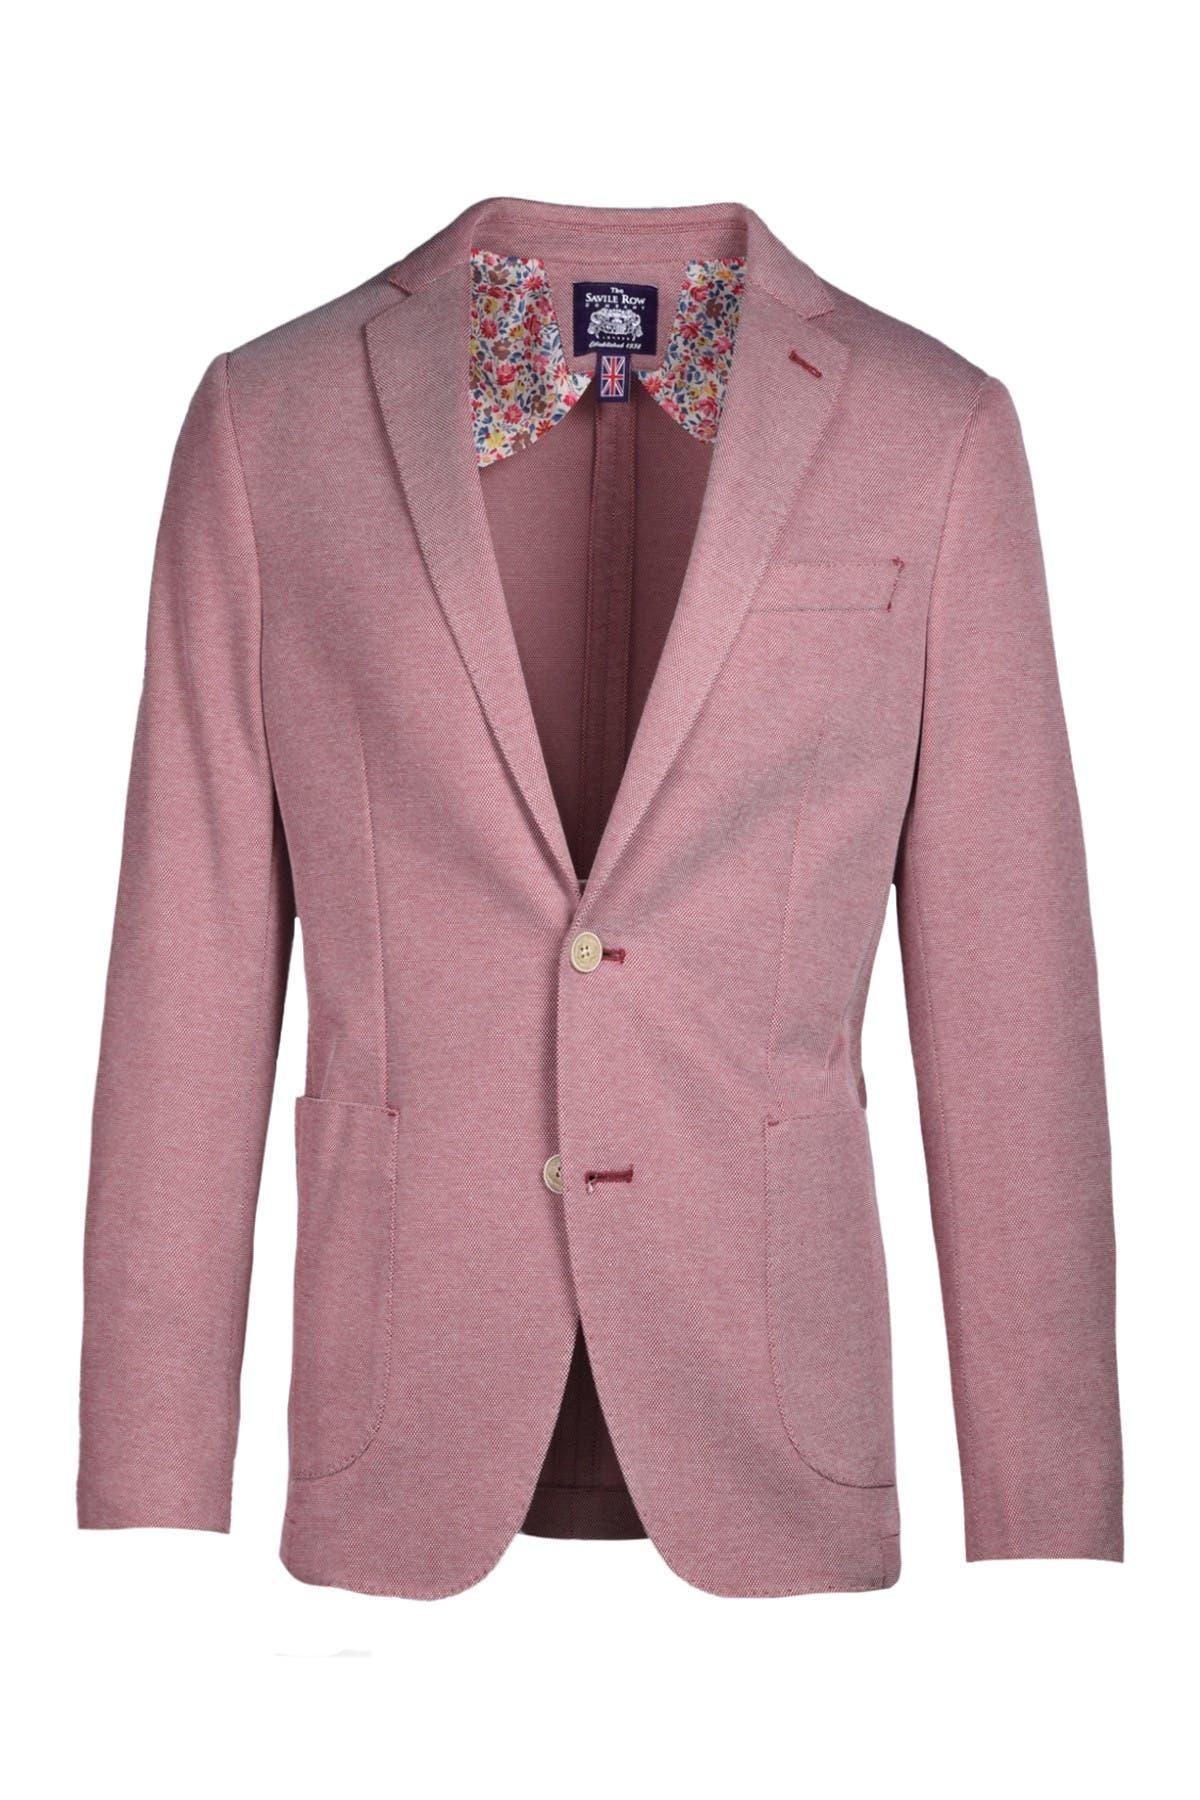 Image of SAVILE ROW CO Slim Knit Blazer